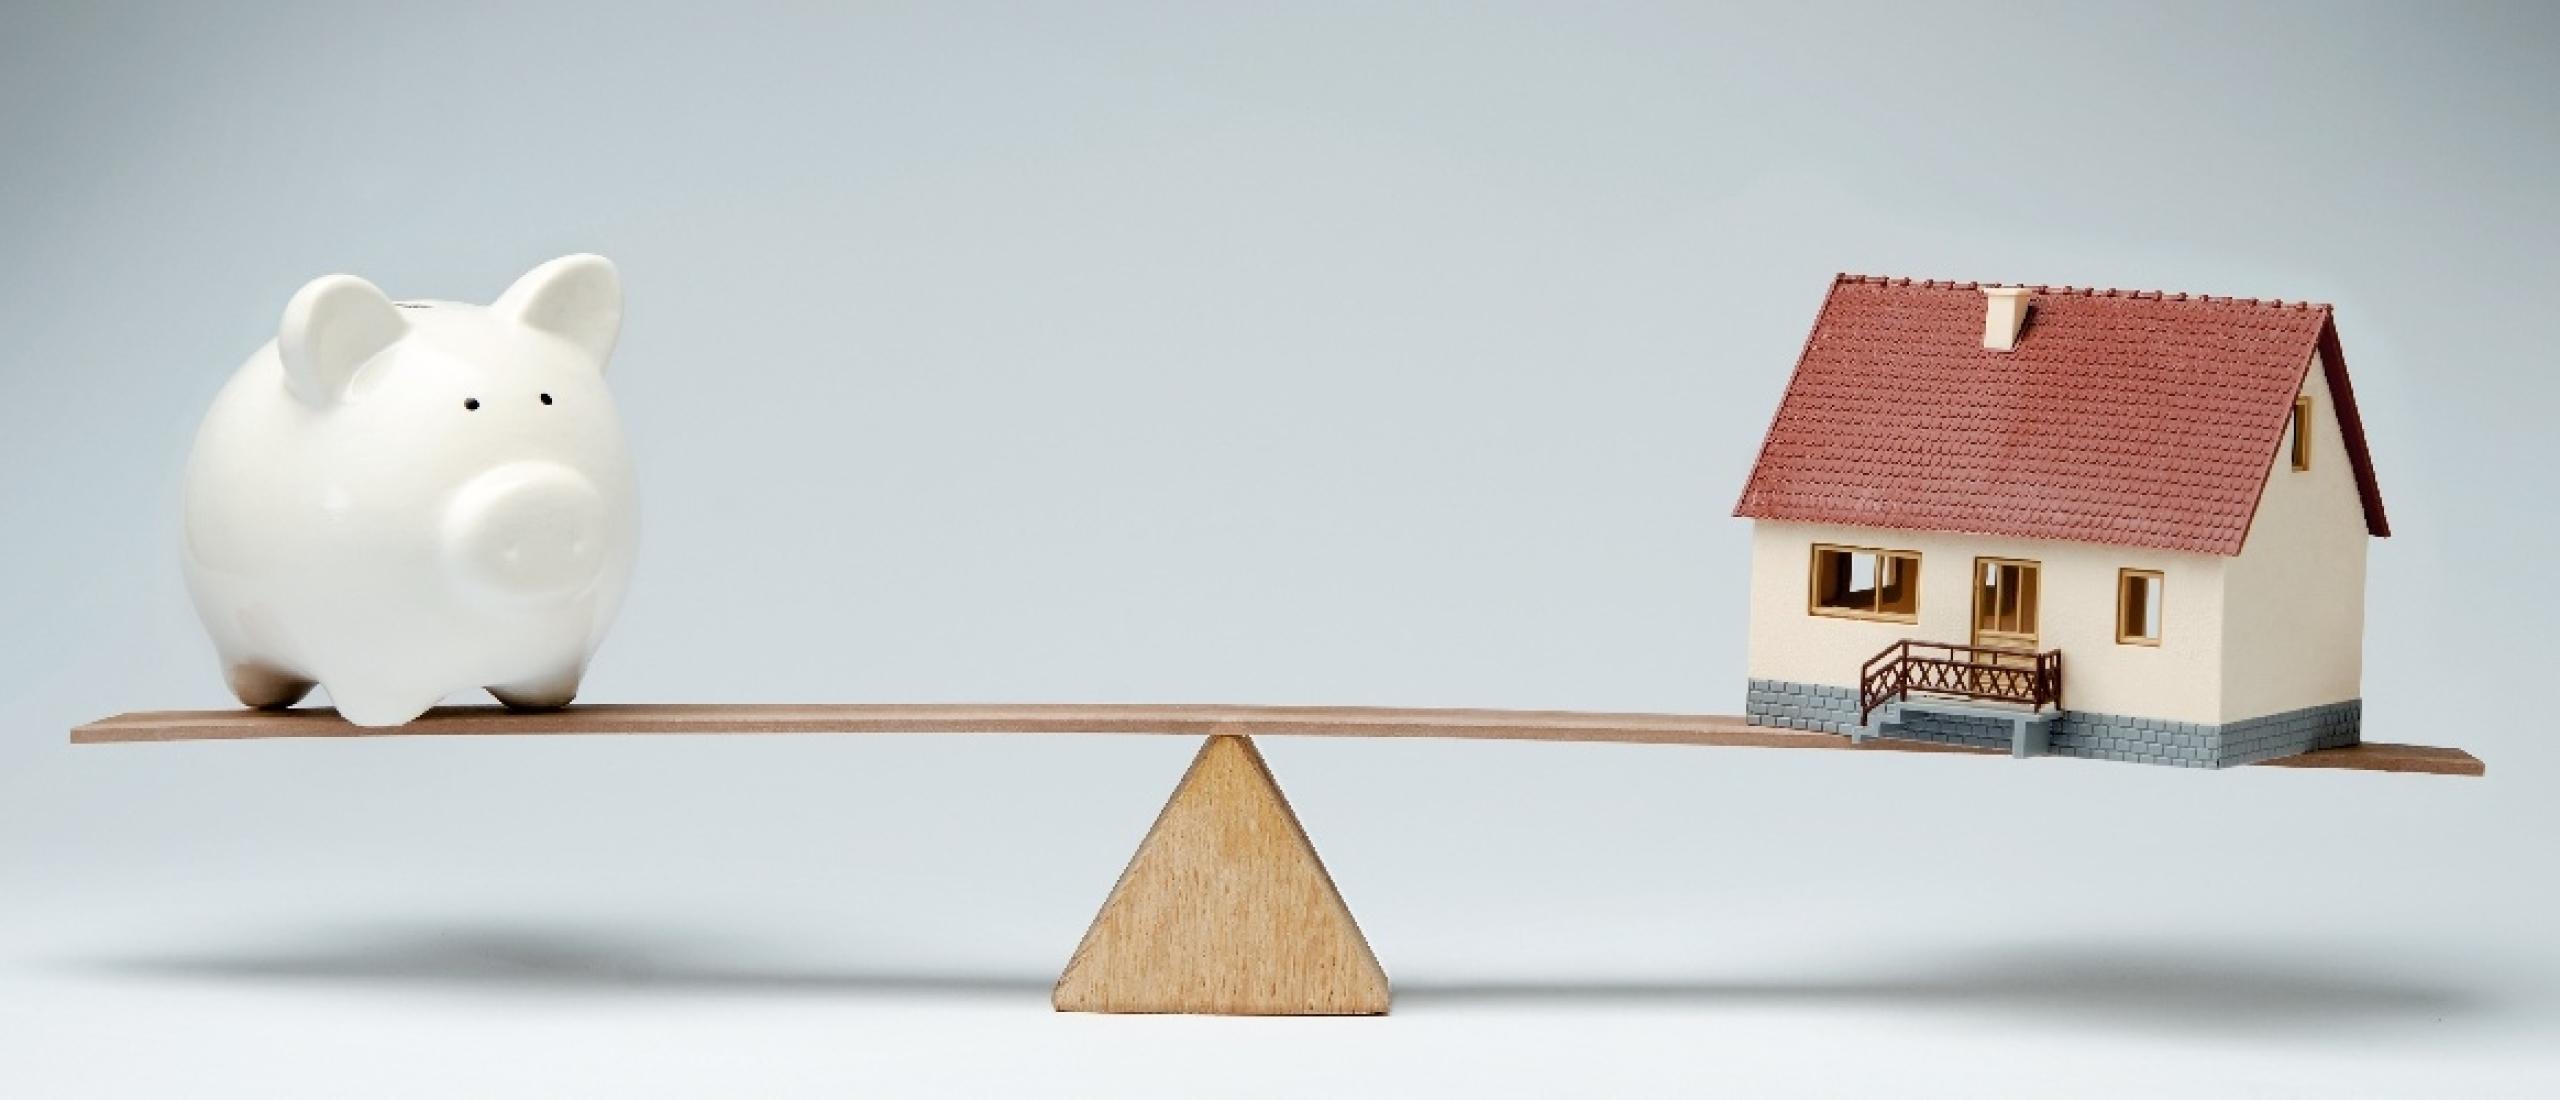 hypotheek verhogen voor dakkapel